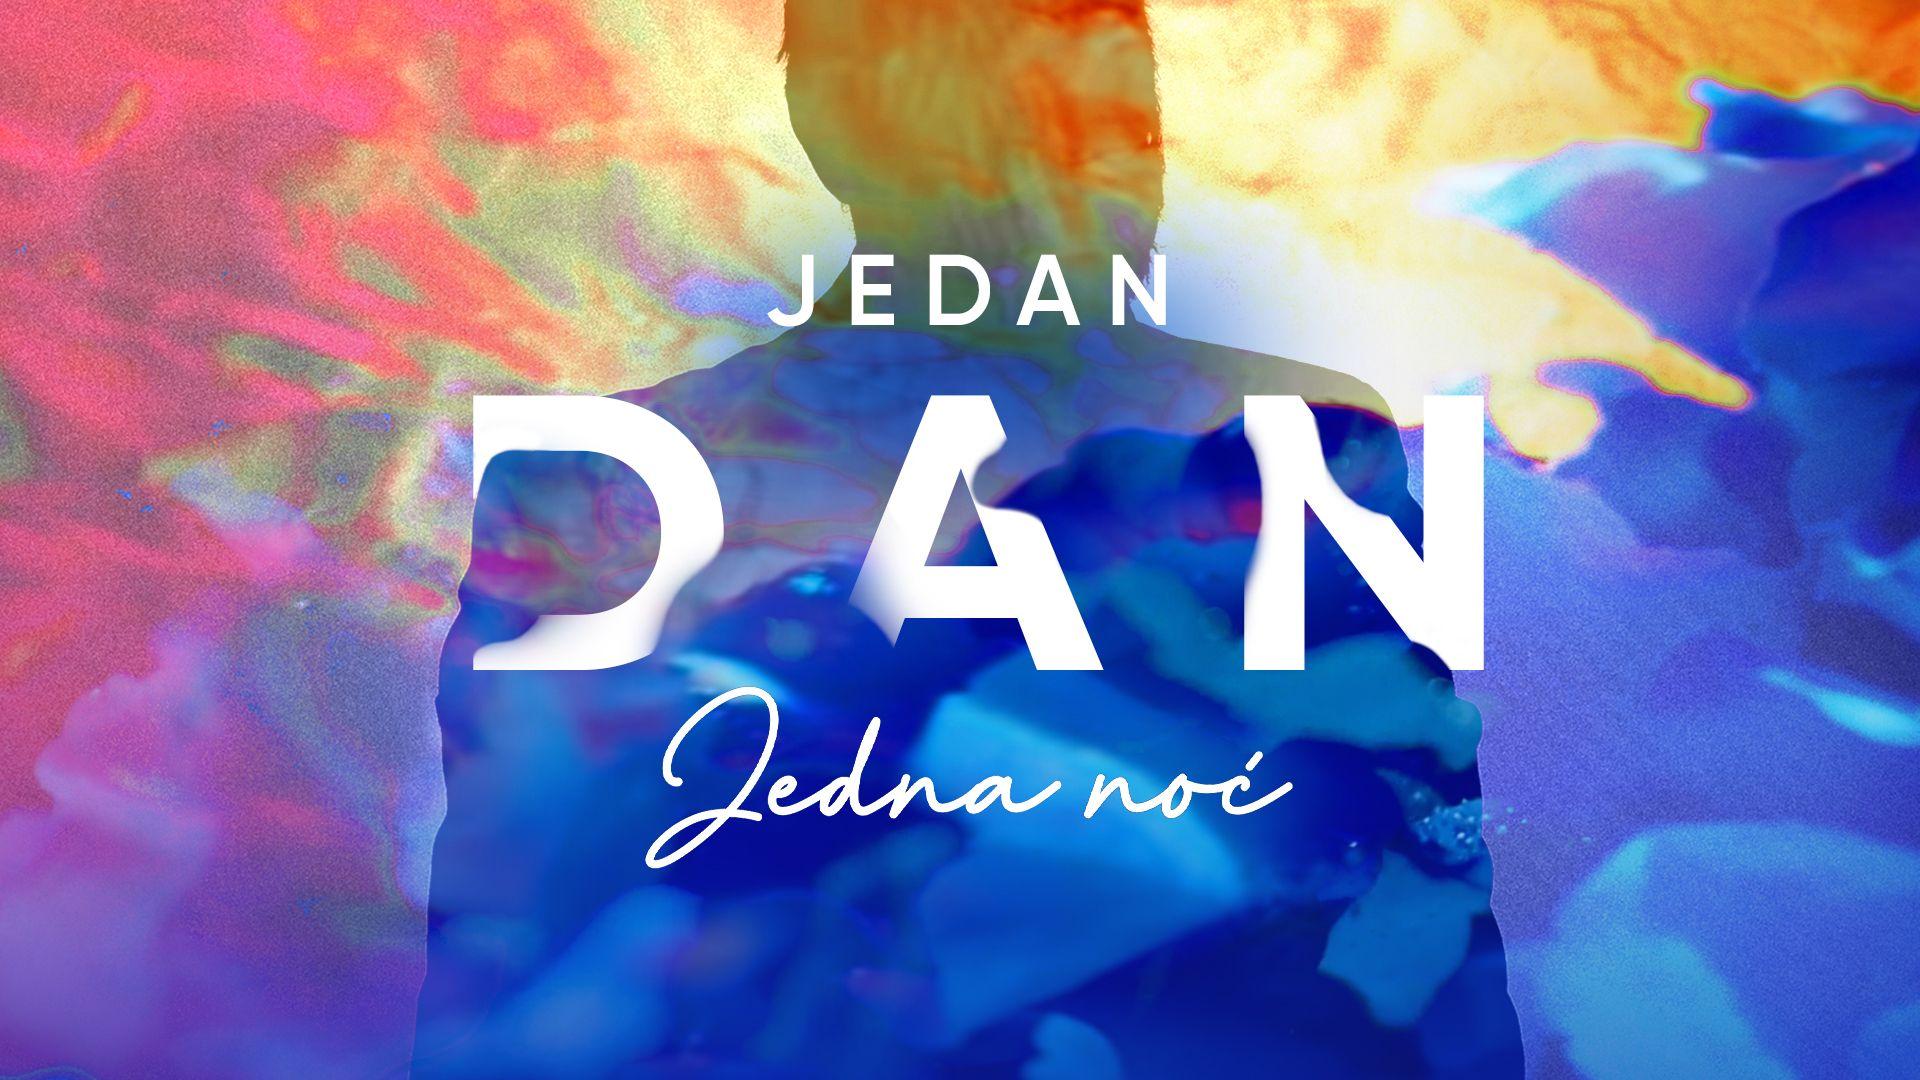 Novi singl